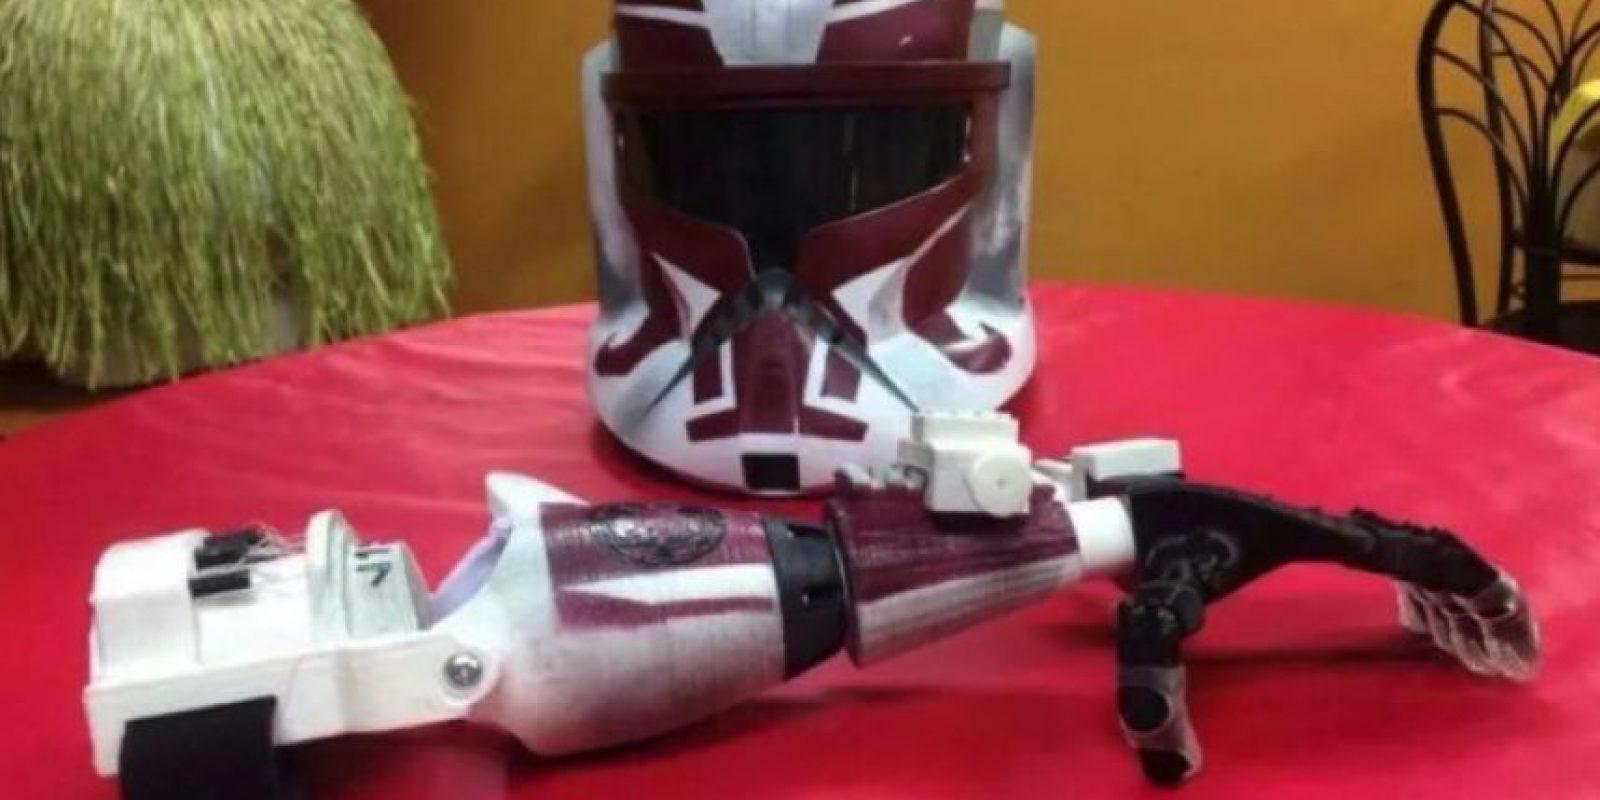 La misma empresa también regaló un brazo y un casco de Stormstropper Foto:Facebook/E-Nable